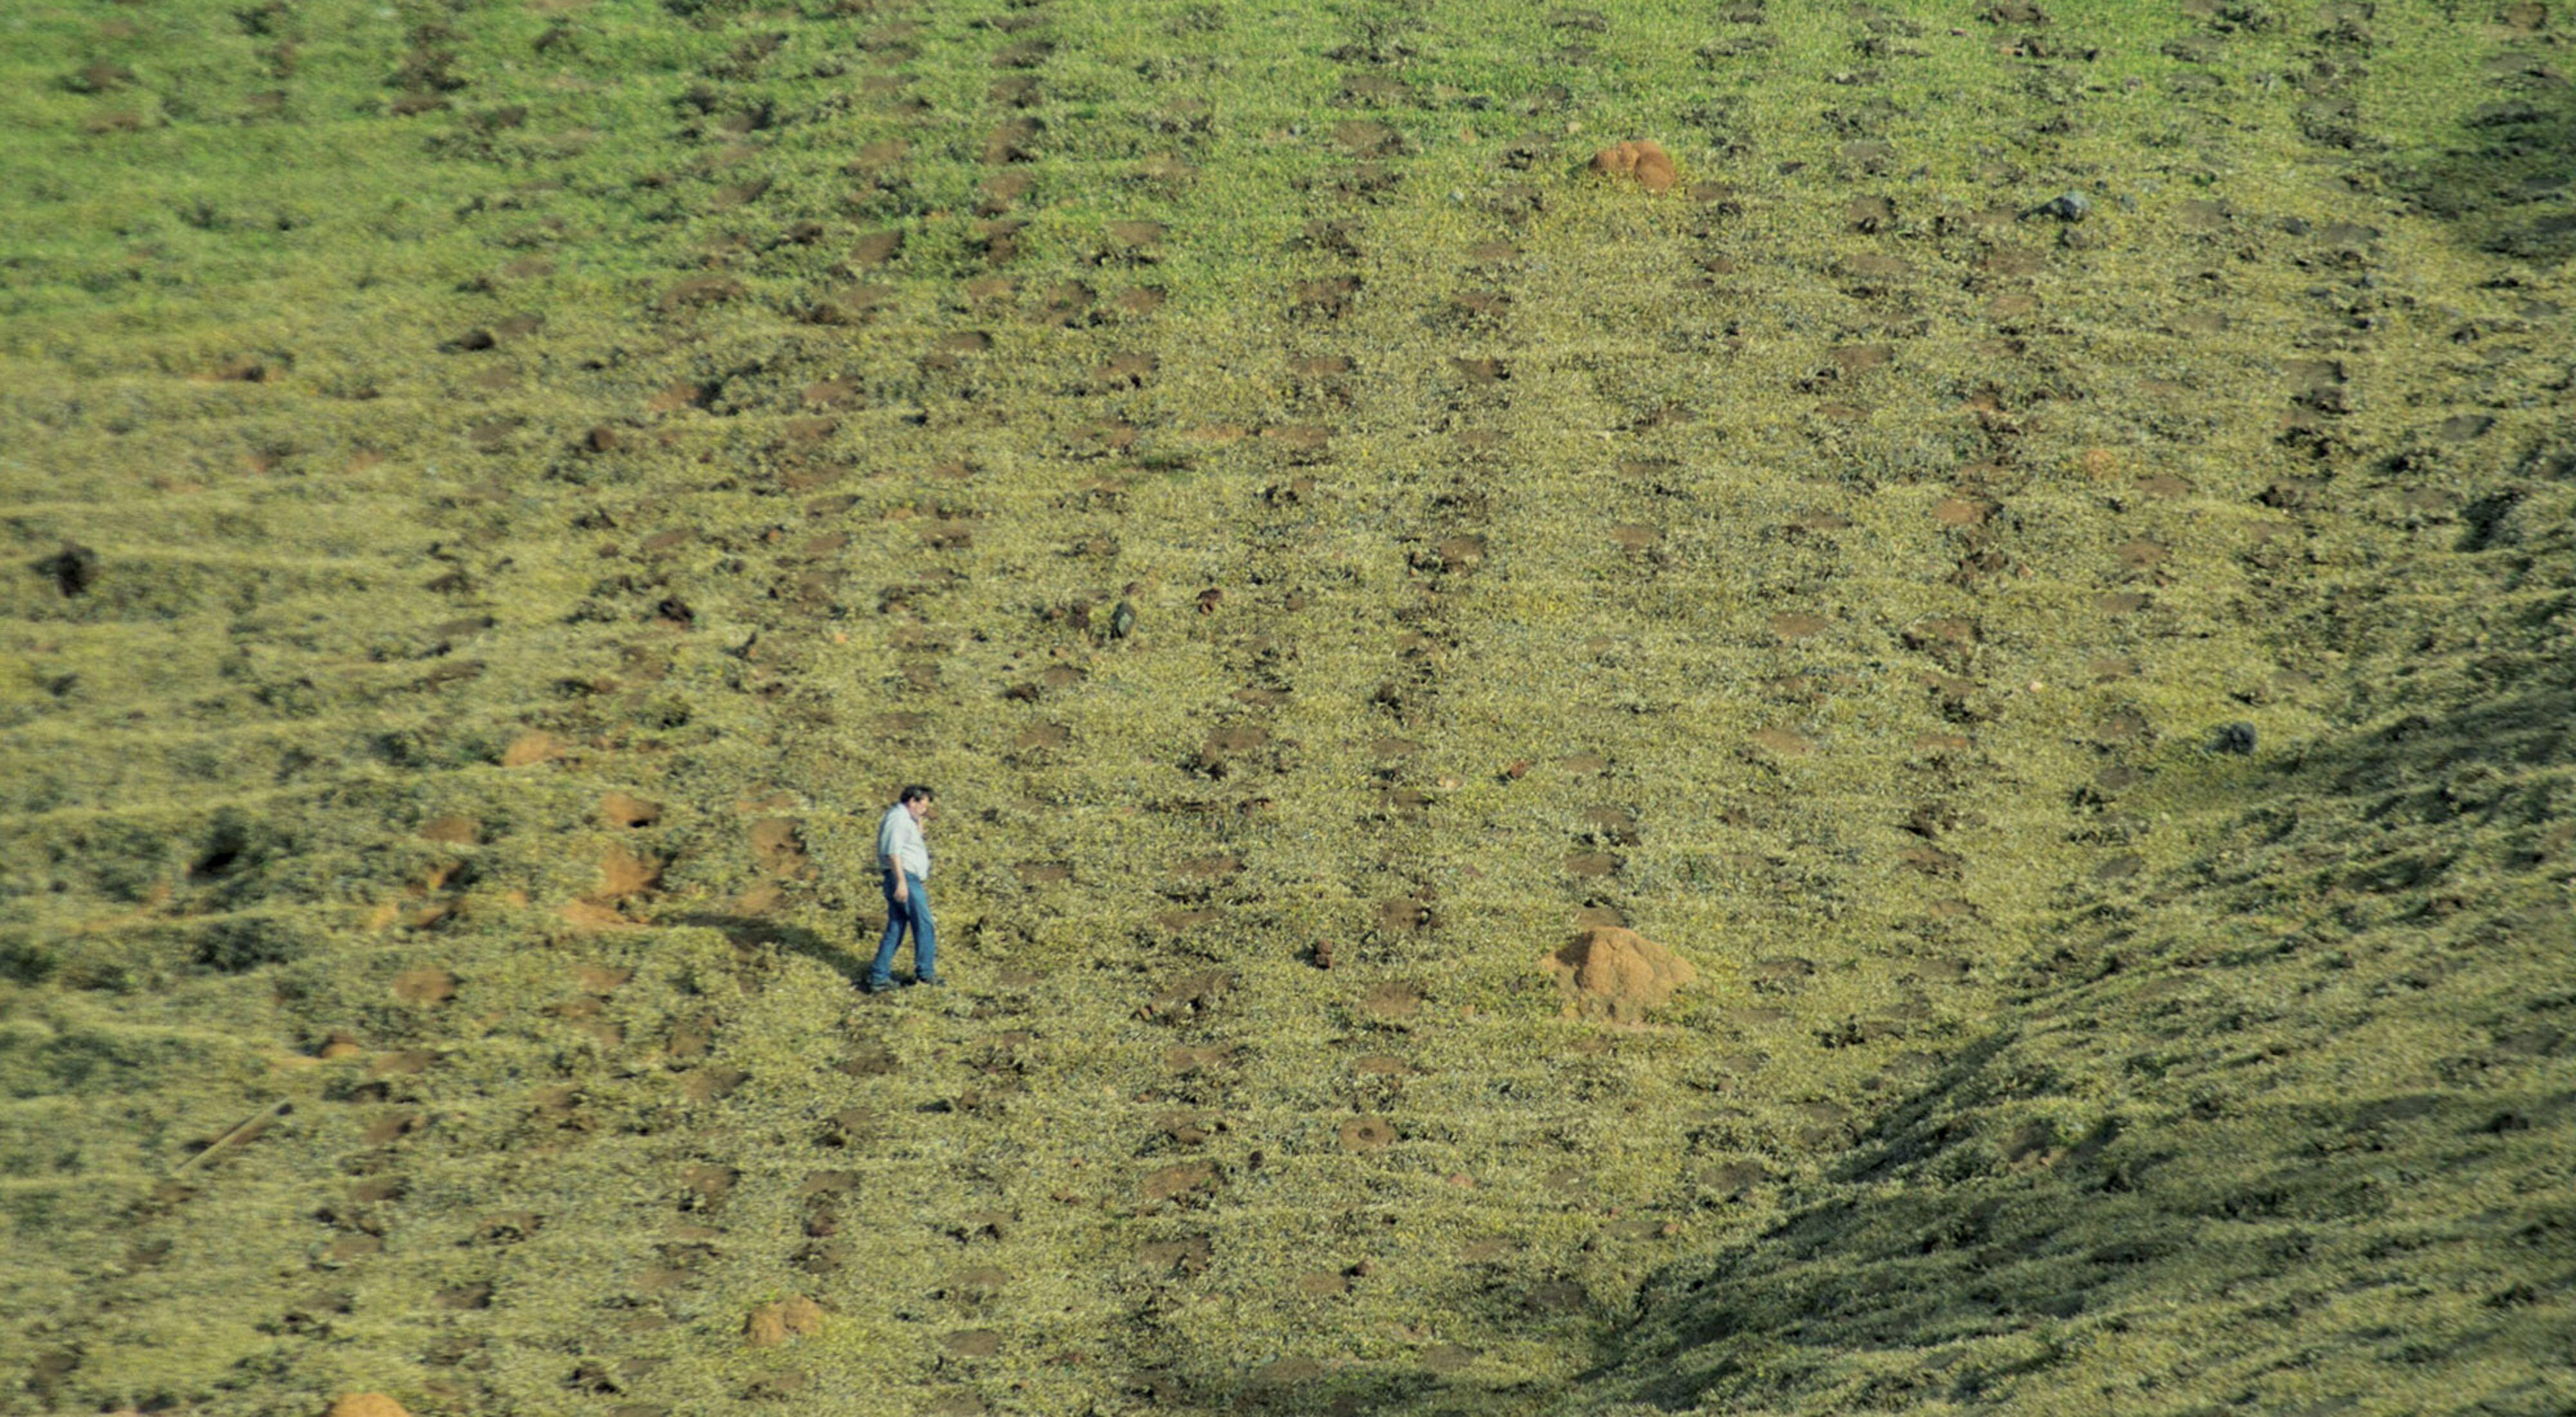 Arlindo Cortez, gerente del Programa Productor de Agua de Extrema, camina a lo largo de una colina que ha sido preparada para la reforestación en la Sierra de Mantiqueira